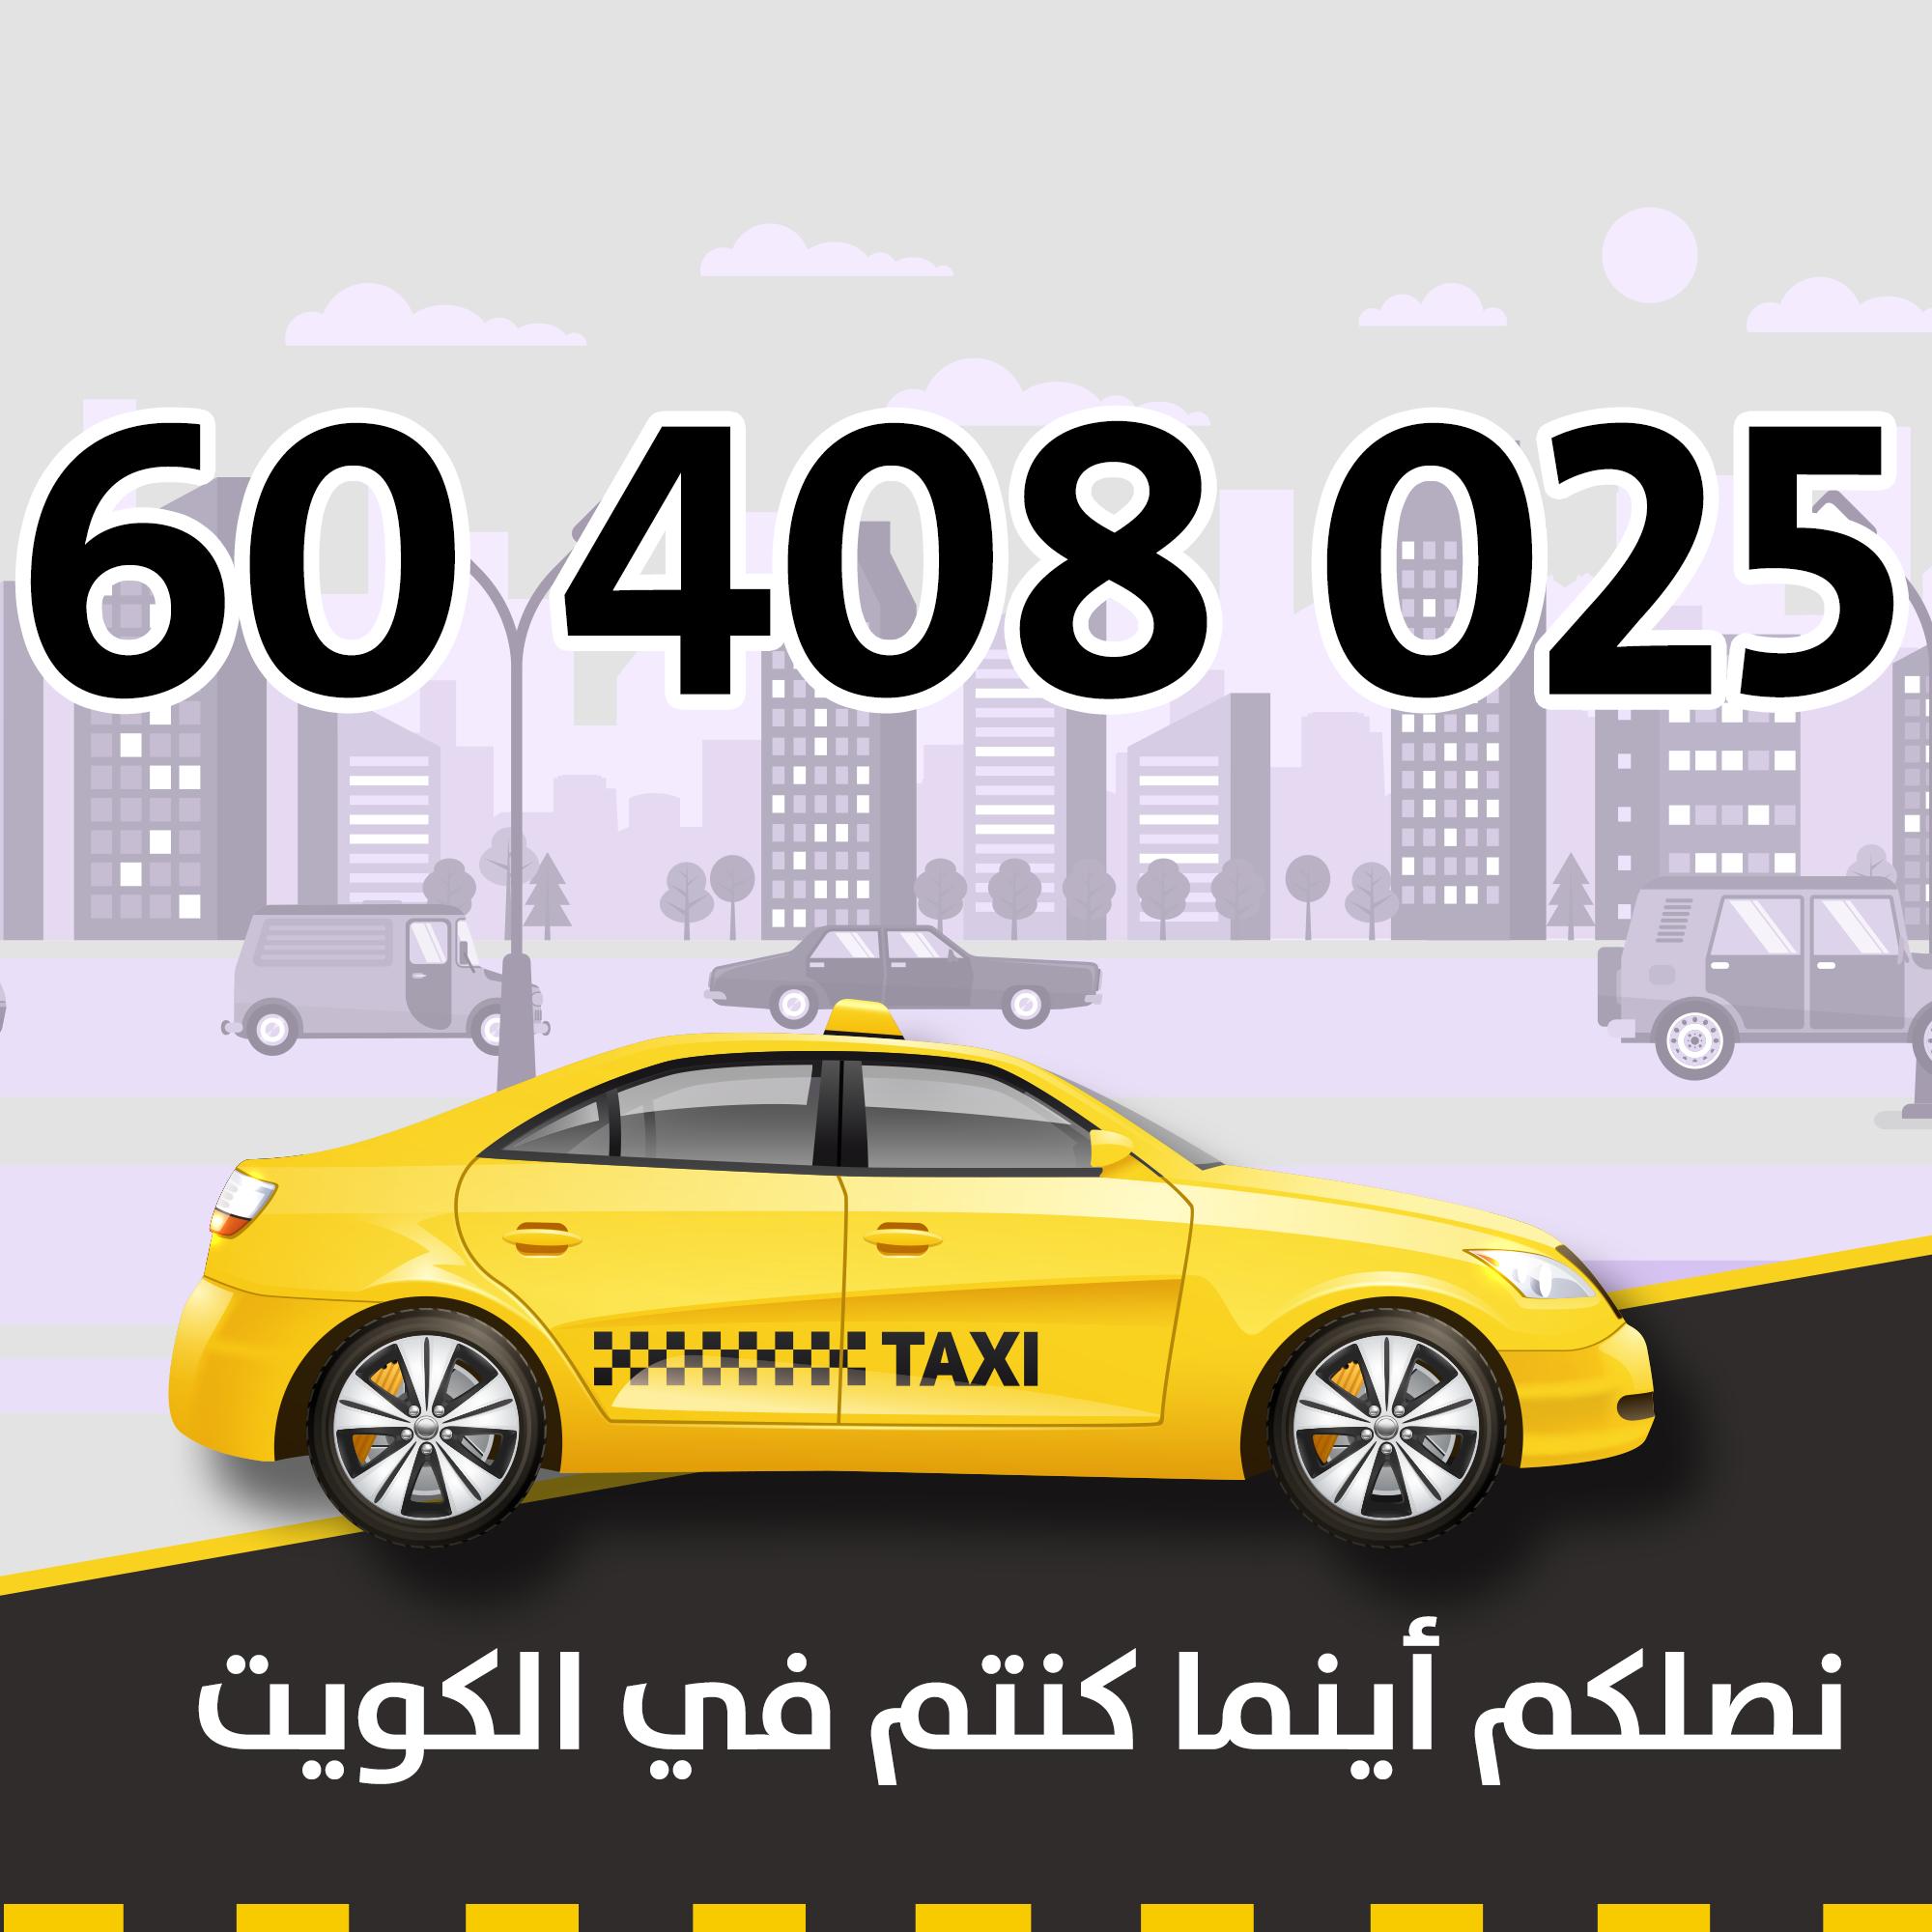 تاكسي توصيلة في شارع طرابلس